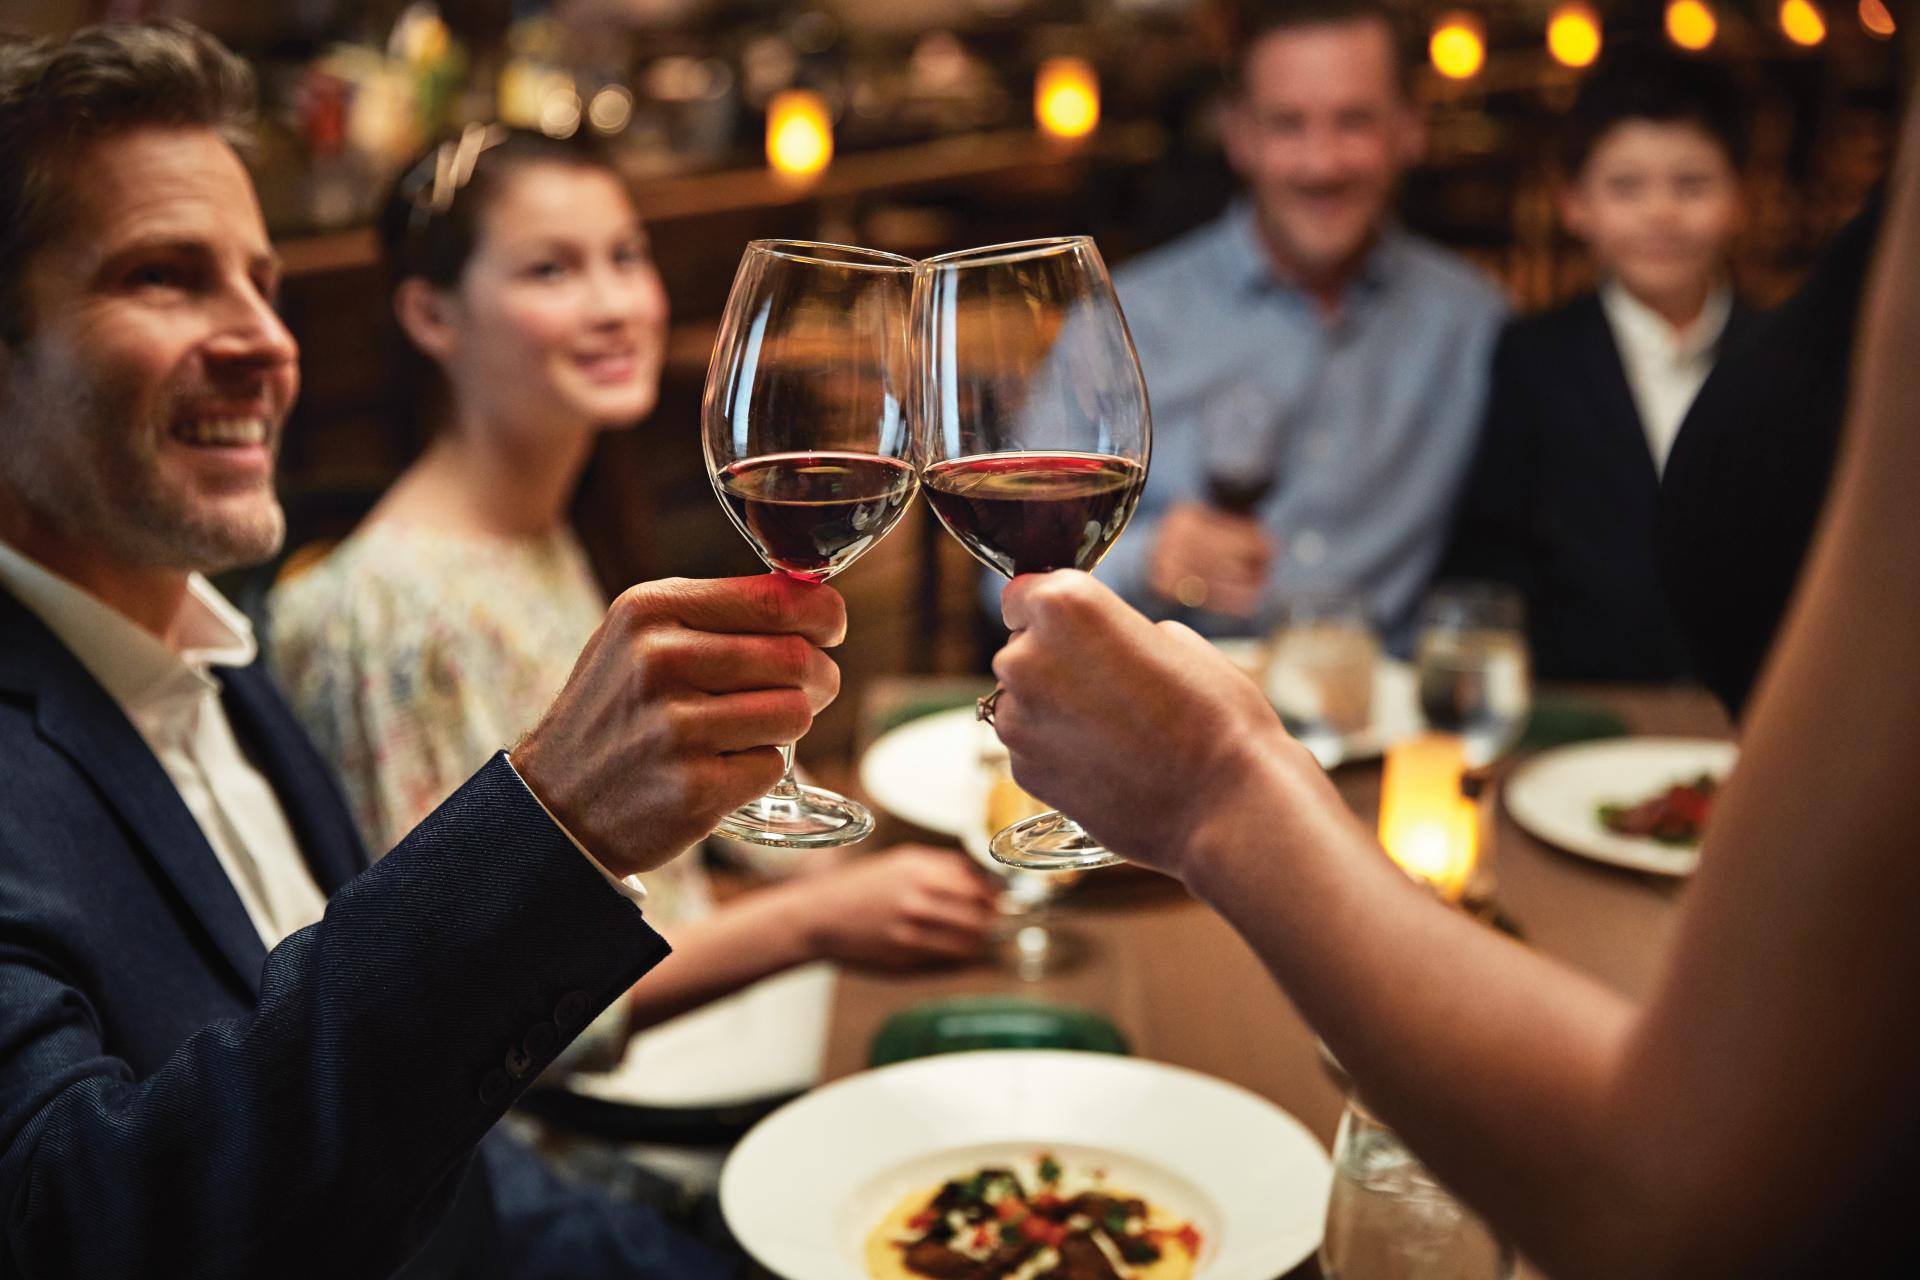 Mit Dine My Way ist die Tisch-Reservierung an Bord spielend einfach